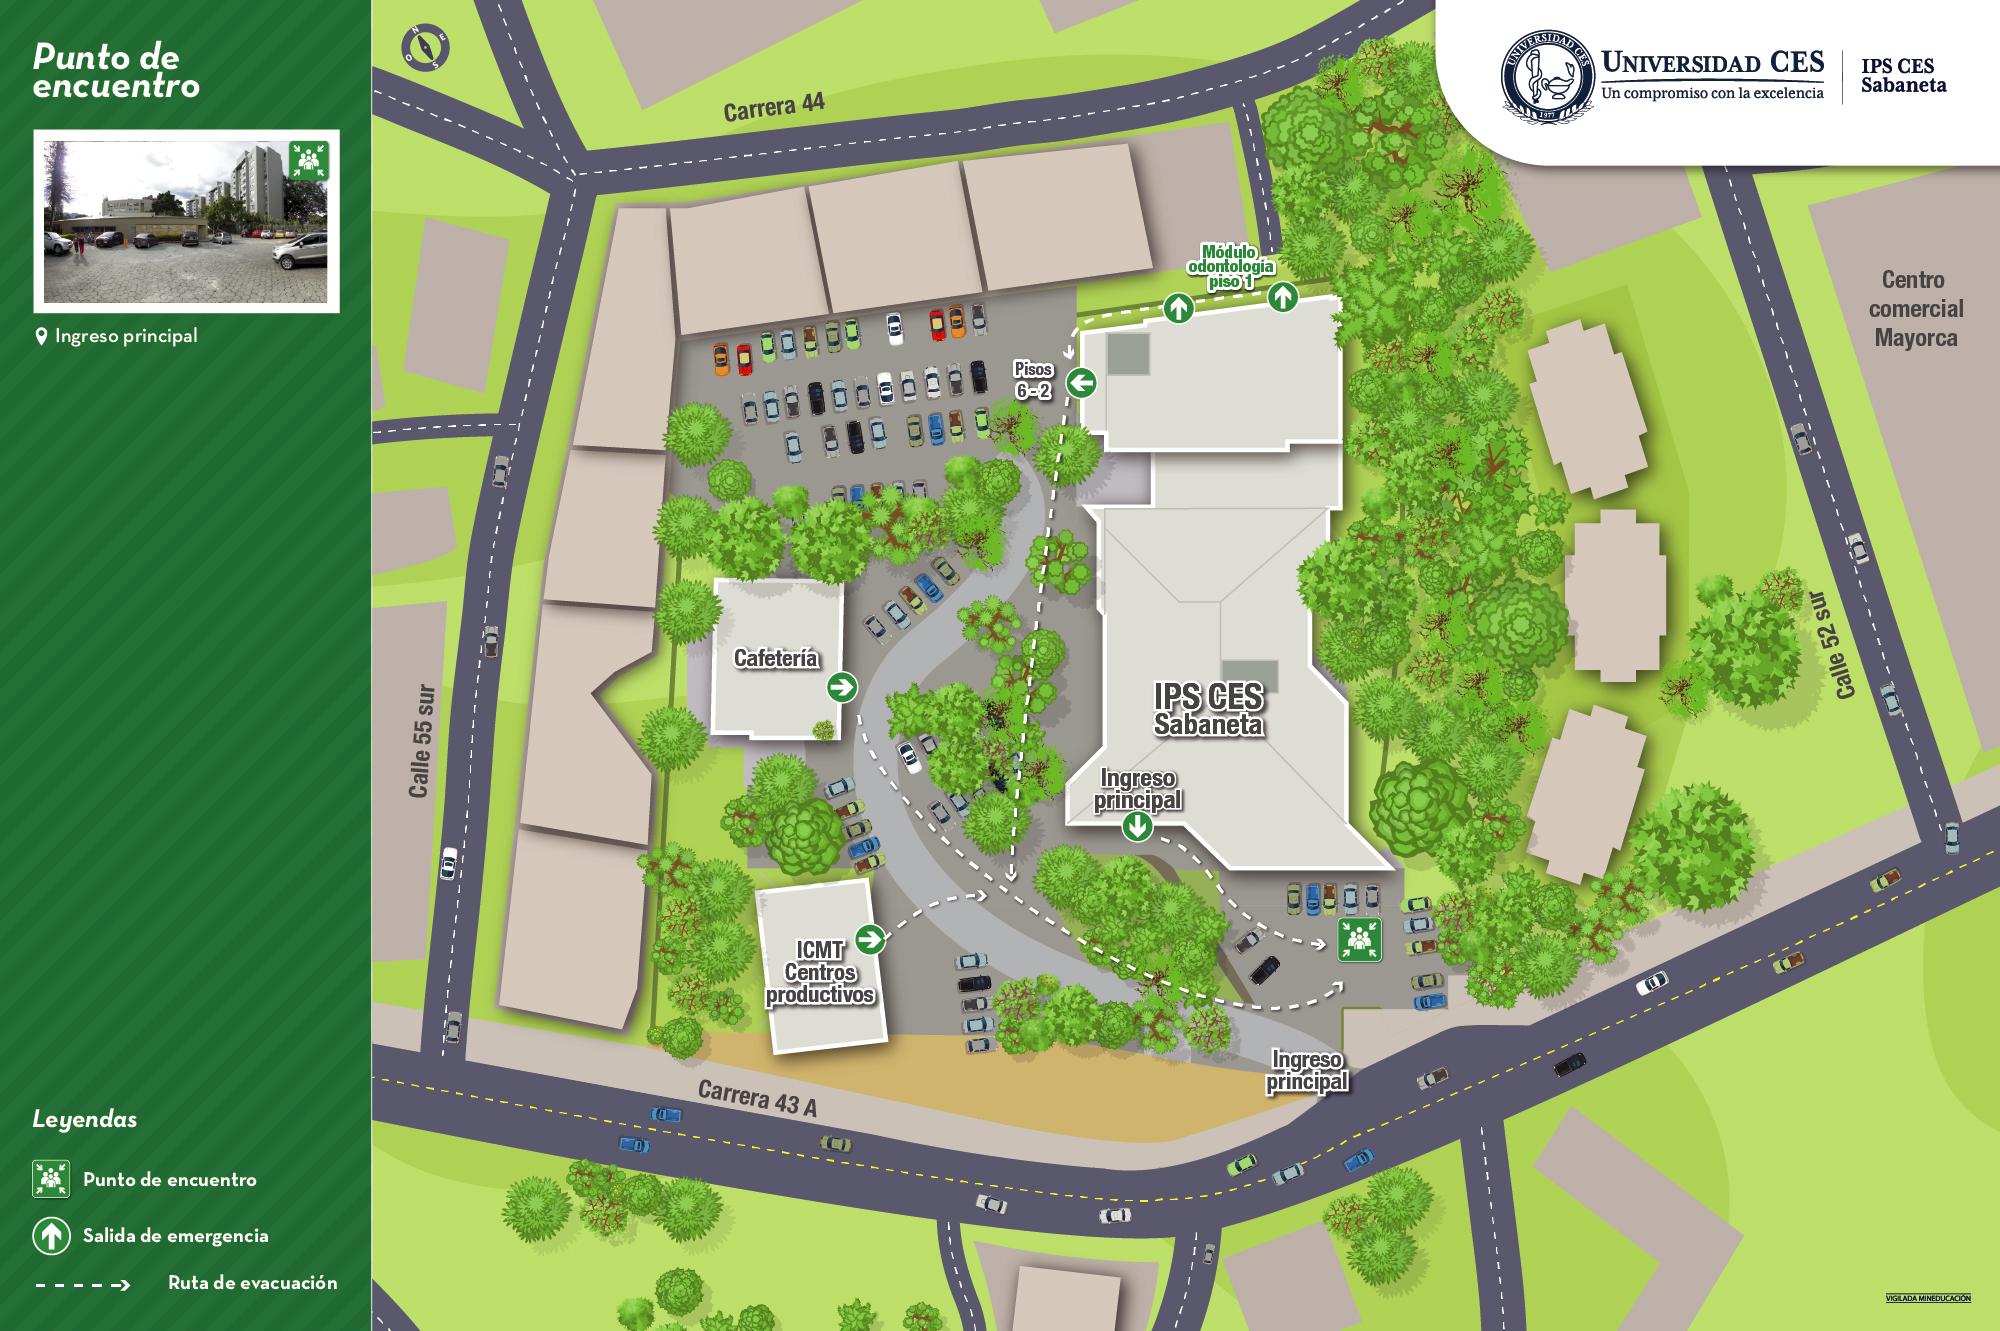 Mapa de evacuación y puntos de encuentro sede sabaneta